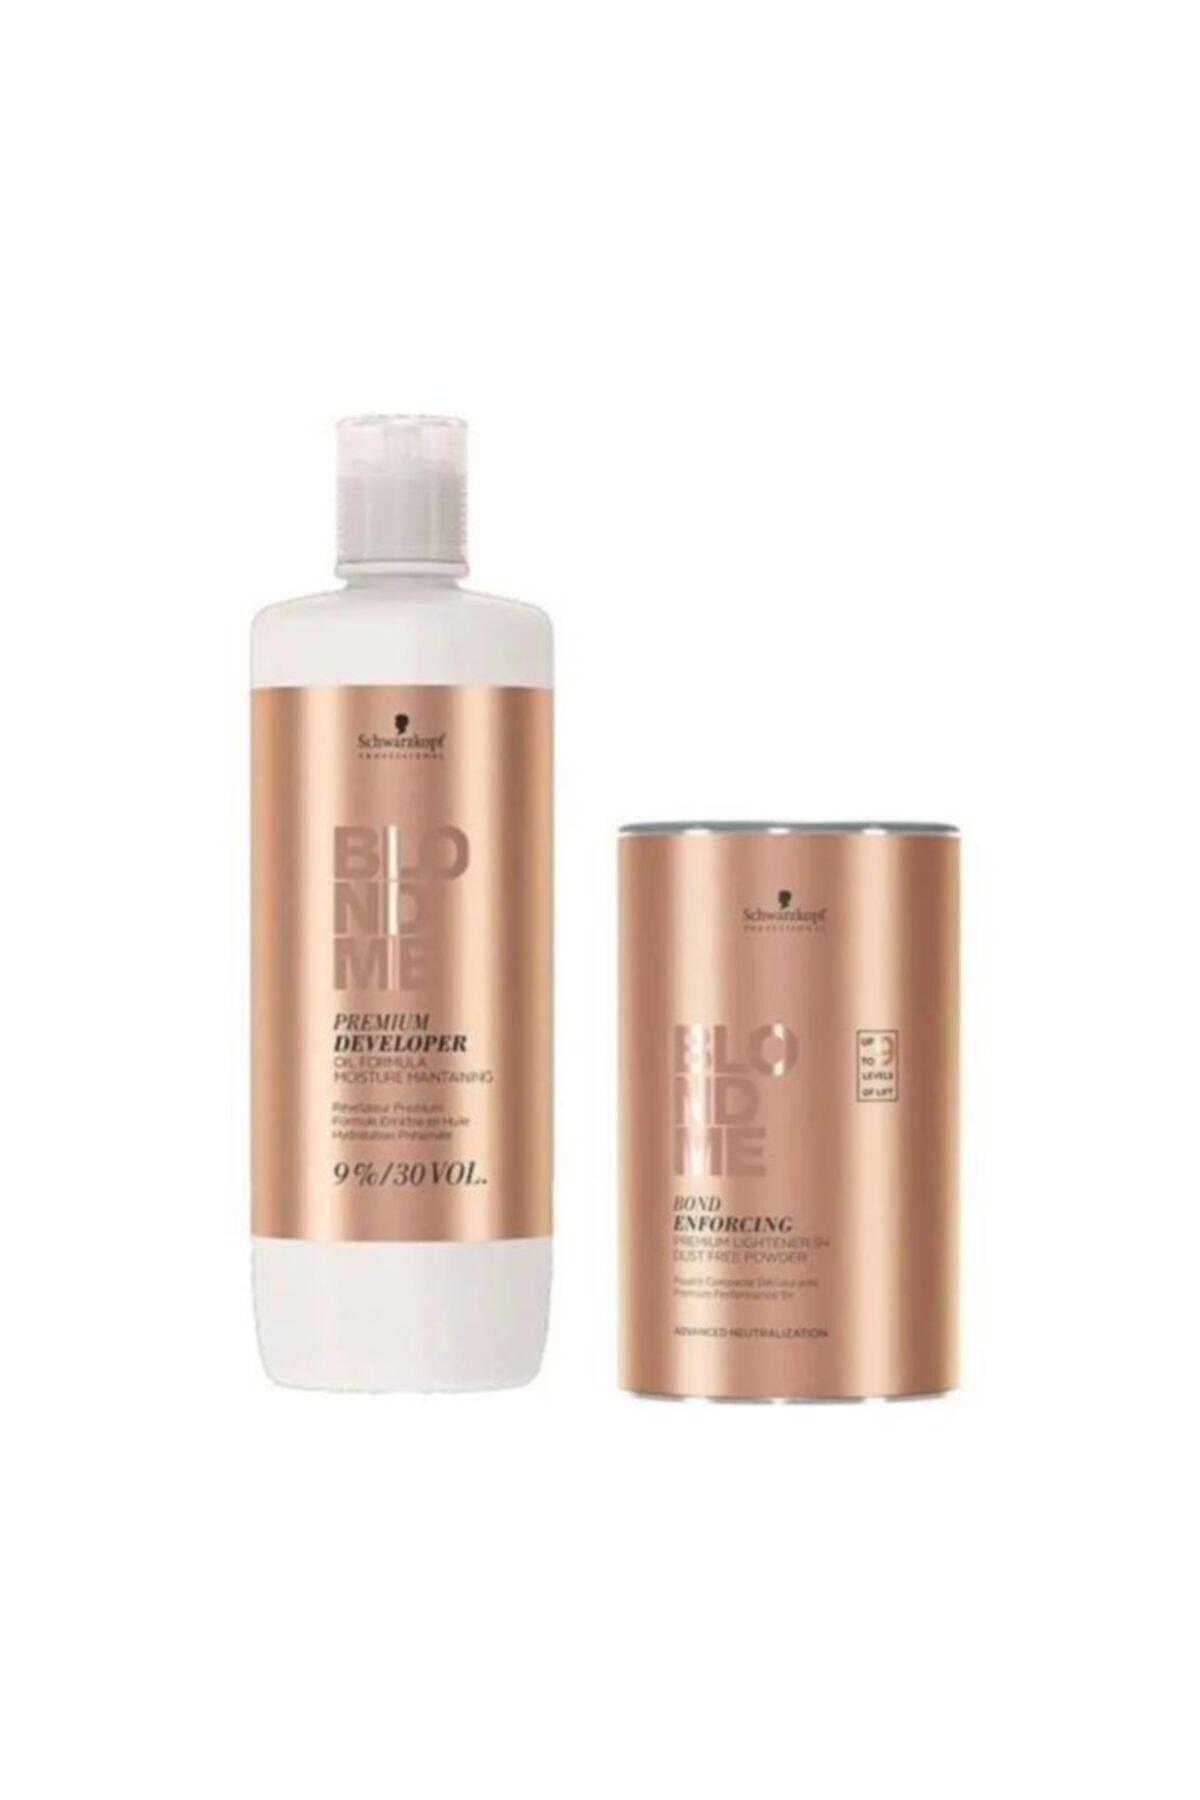 SCHWARZKOPF HAIR MASCARA Blondme Premium Lift+9 Açıcı 450 G + Oksidan %9 30 Volume 1000 Ml 1